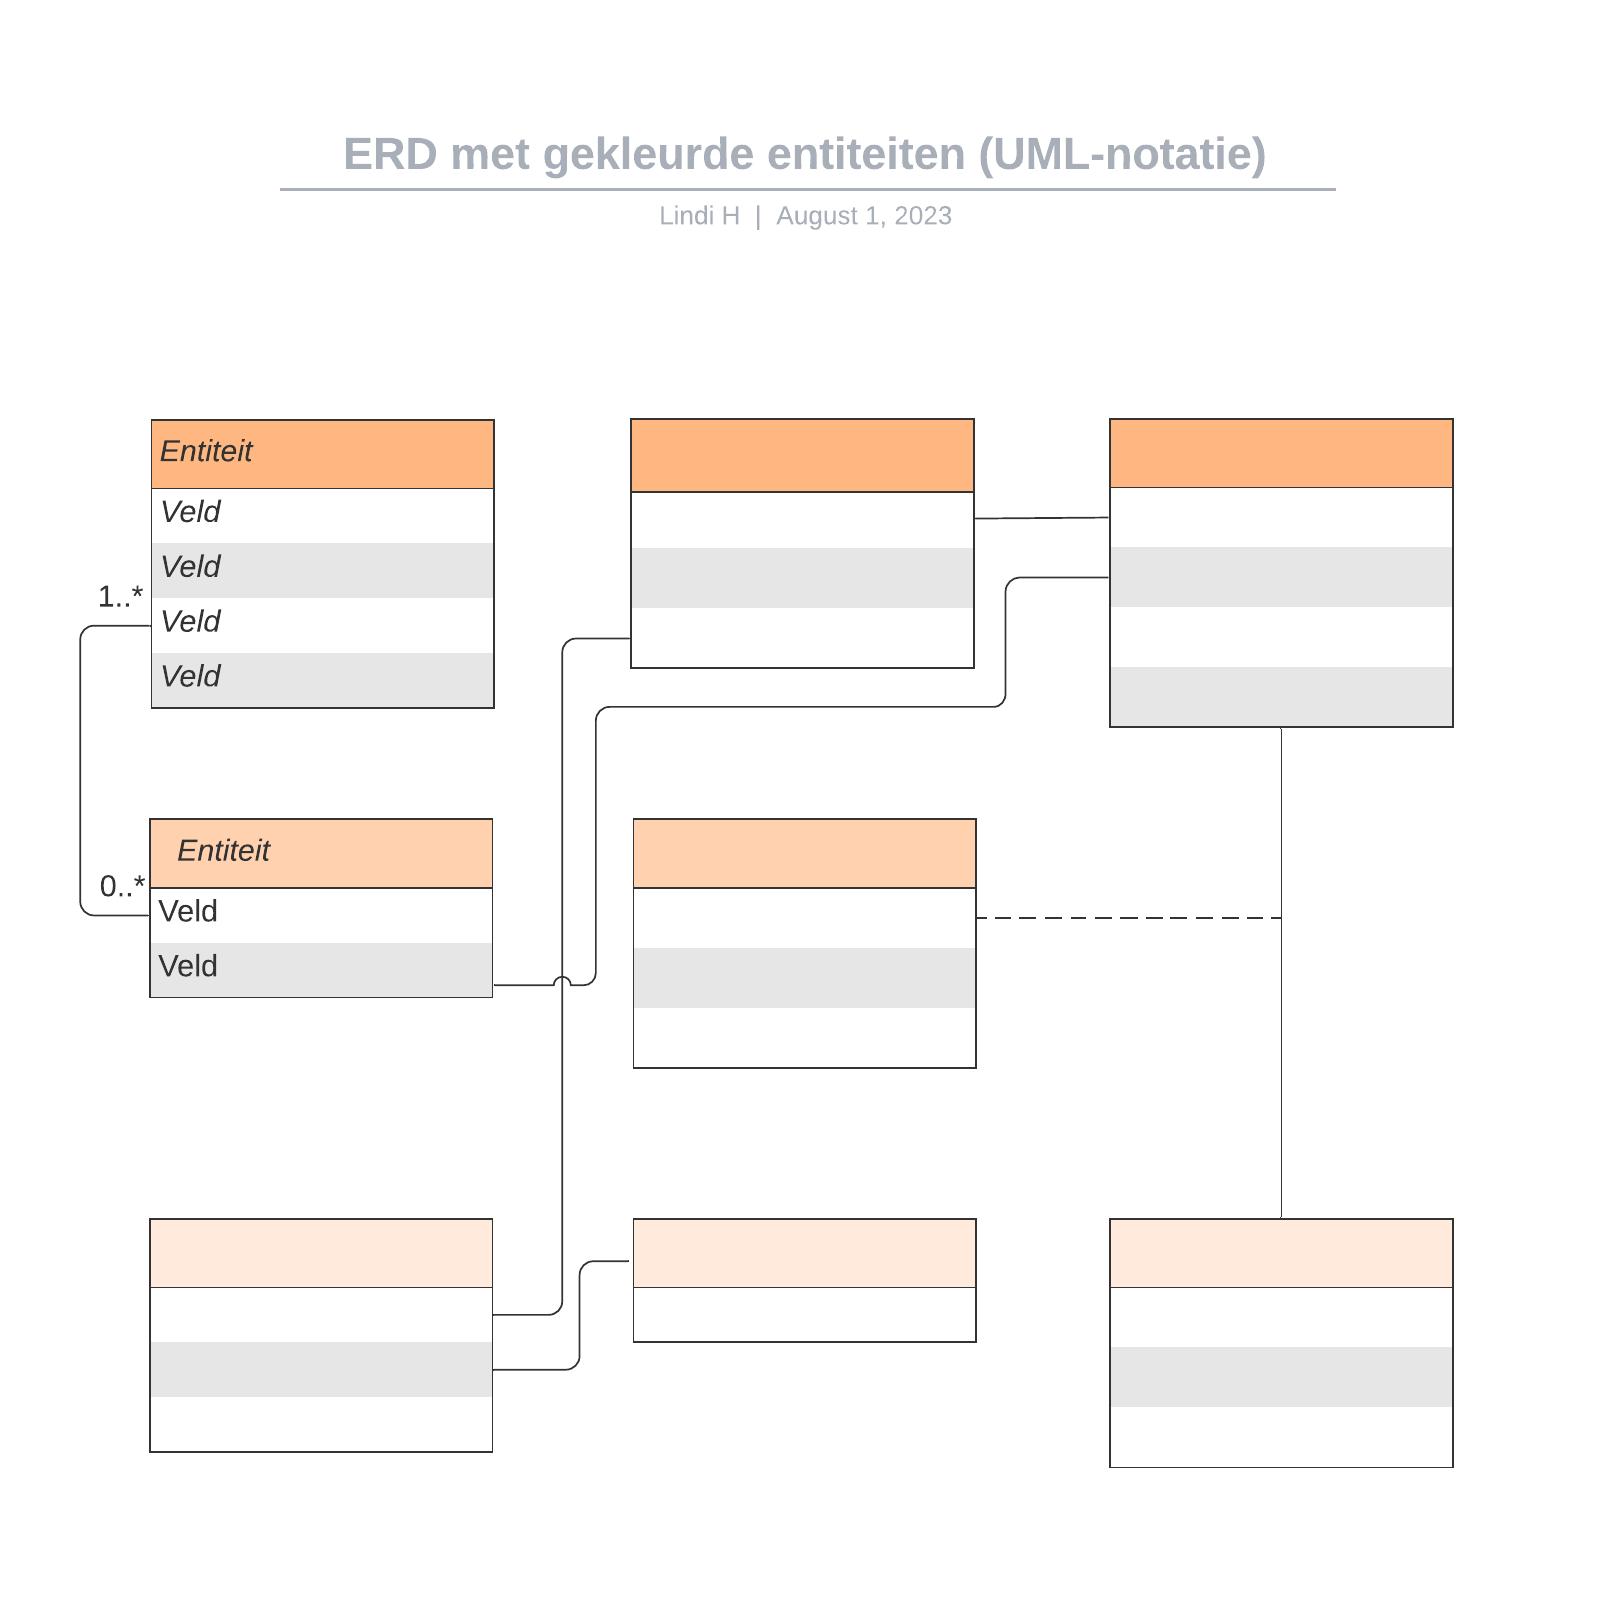 ERD met gekleurde entiteiten (UML-notatie)